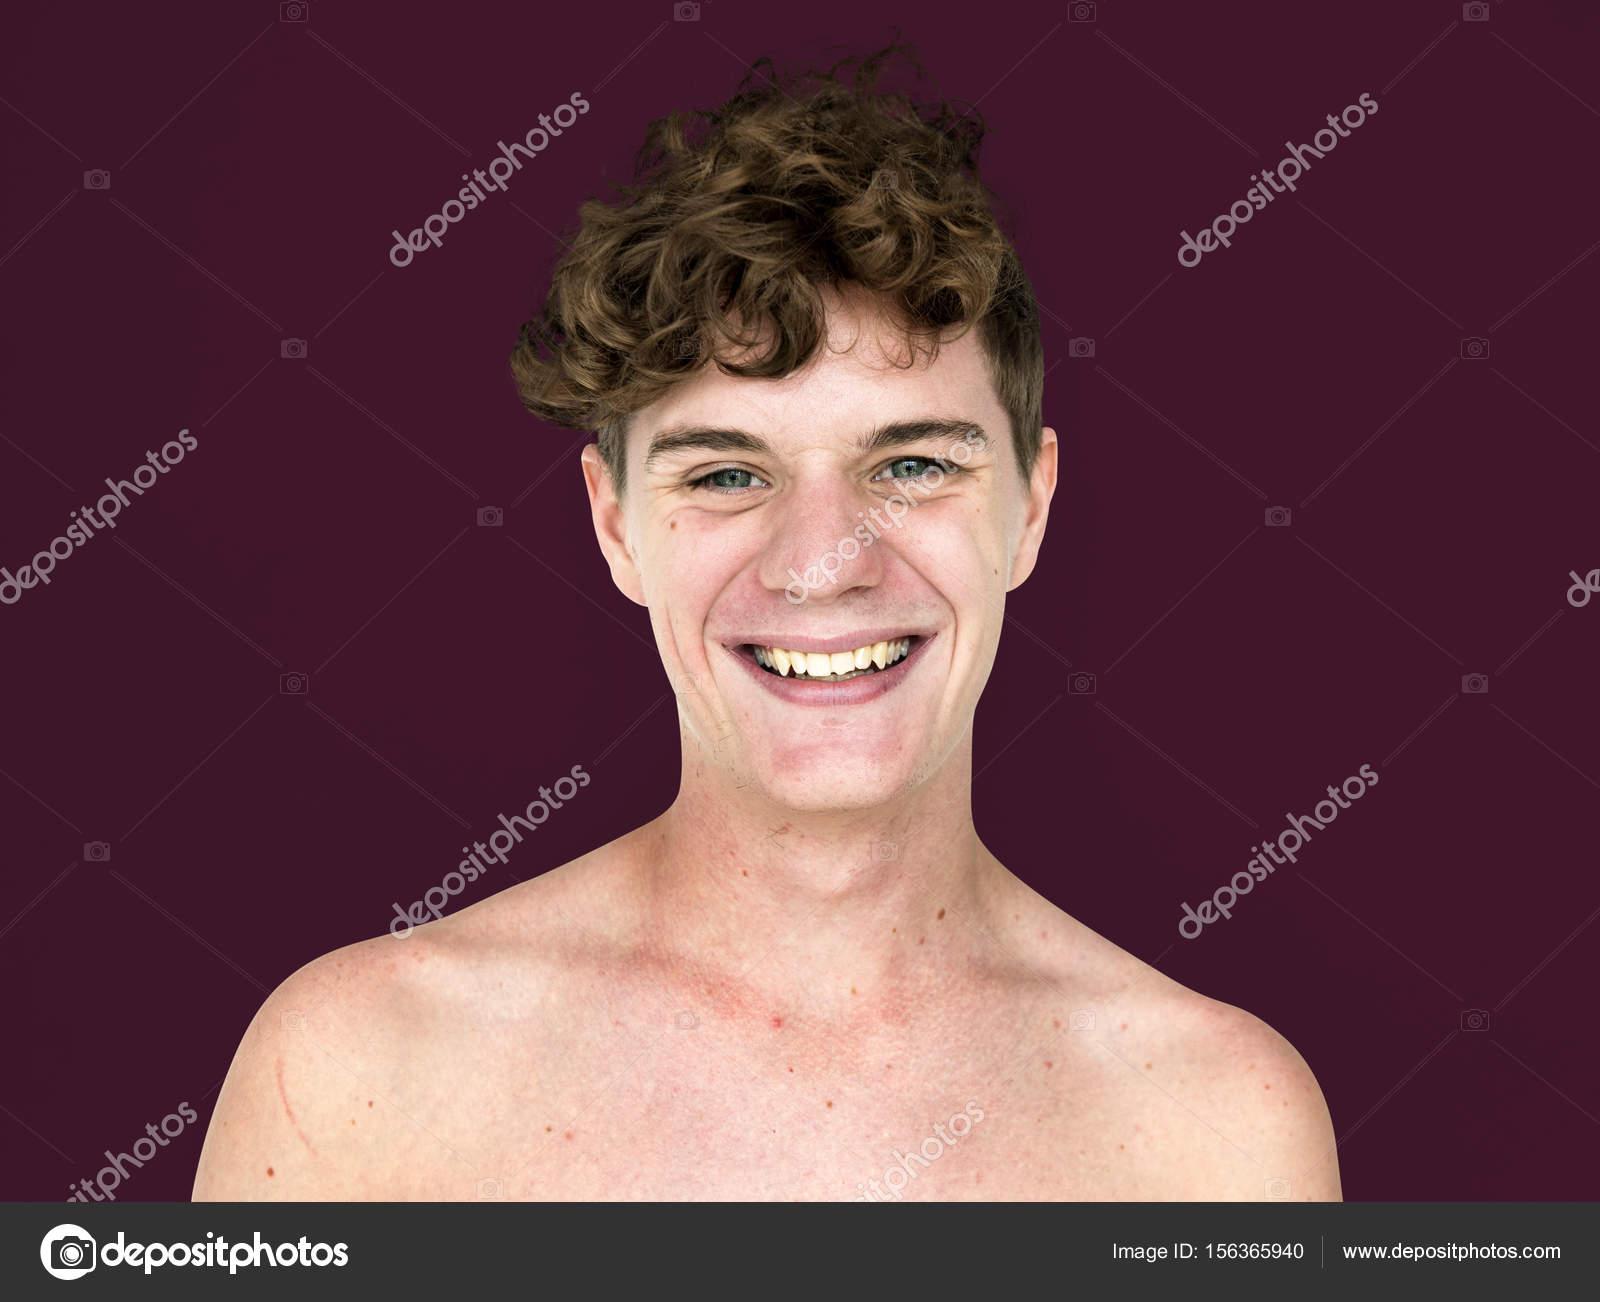 Μαύρος έφηβος γυμνός